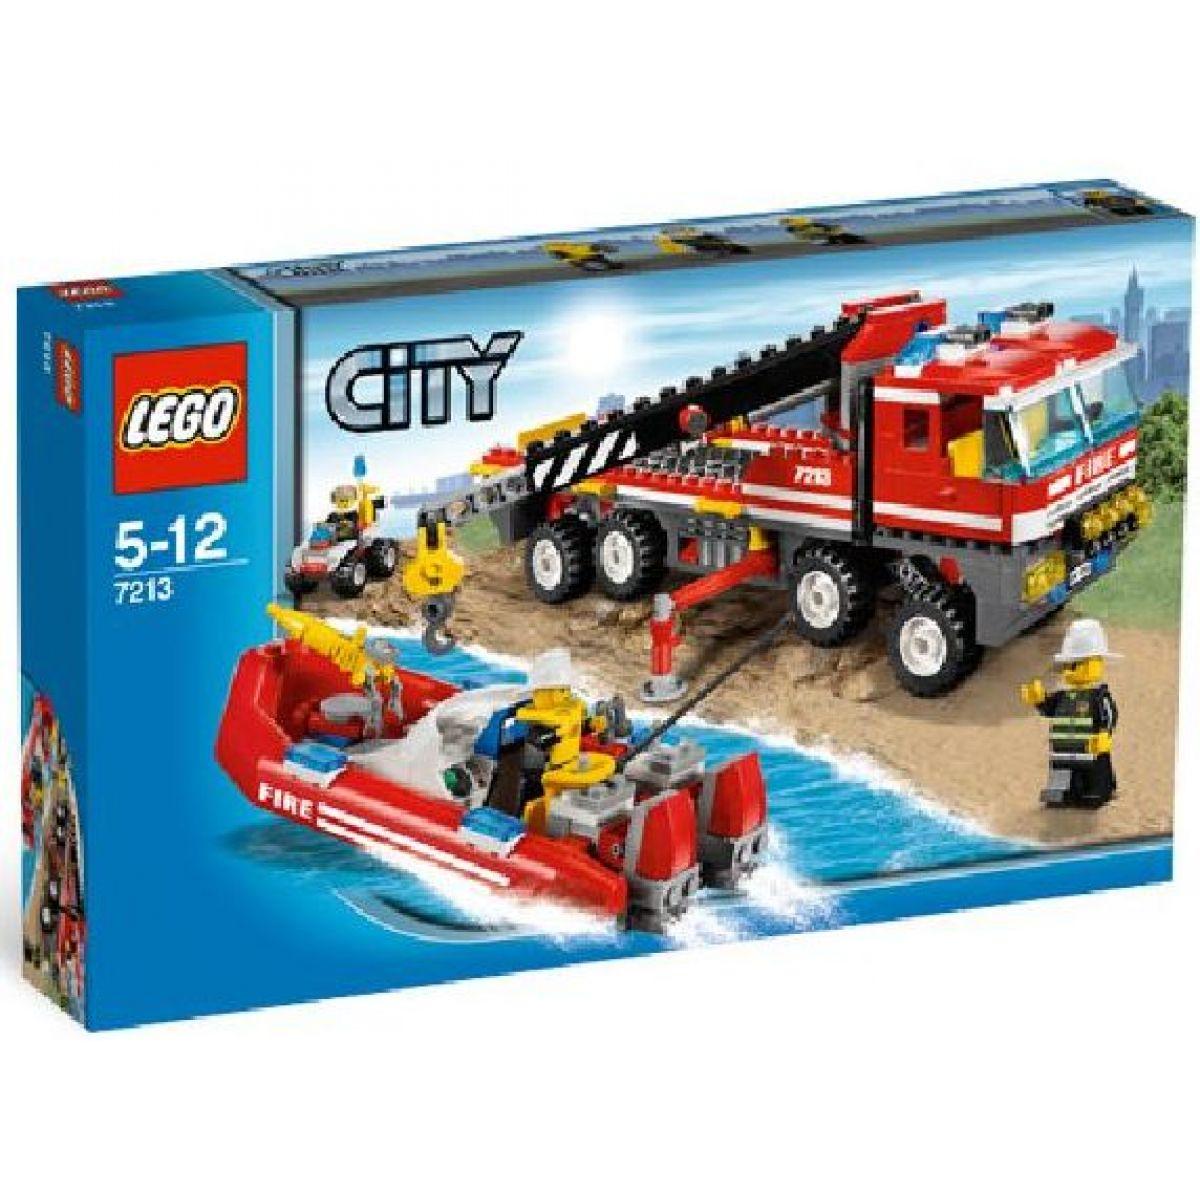 LEGO CITY 7213 Hasičské auto se člunem